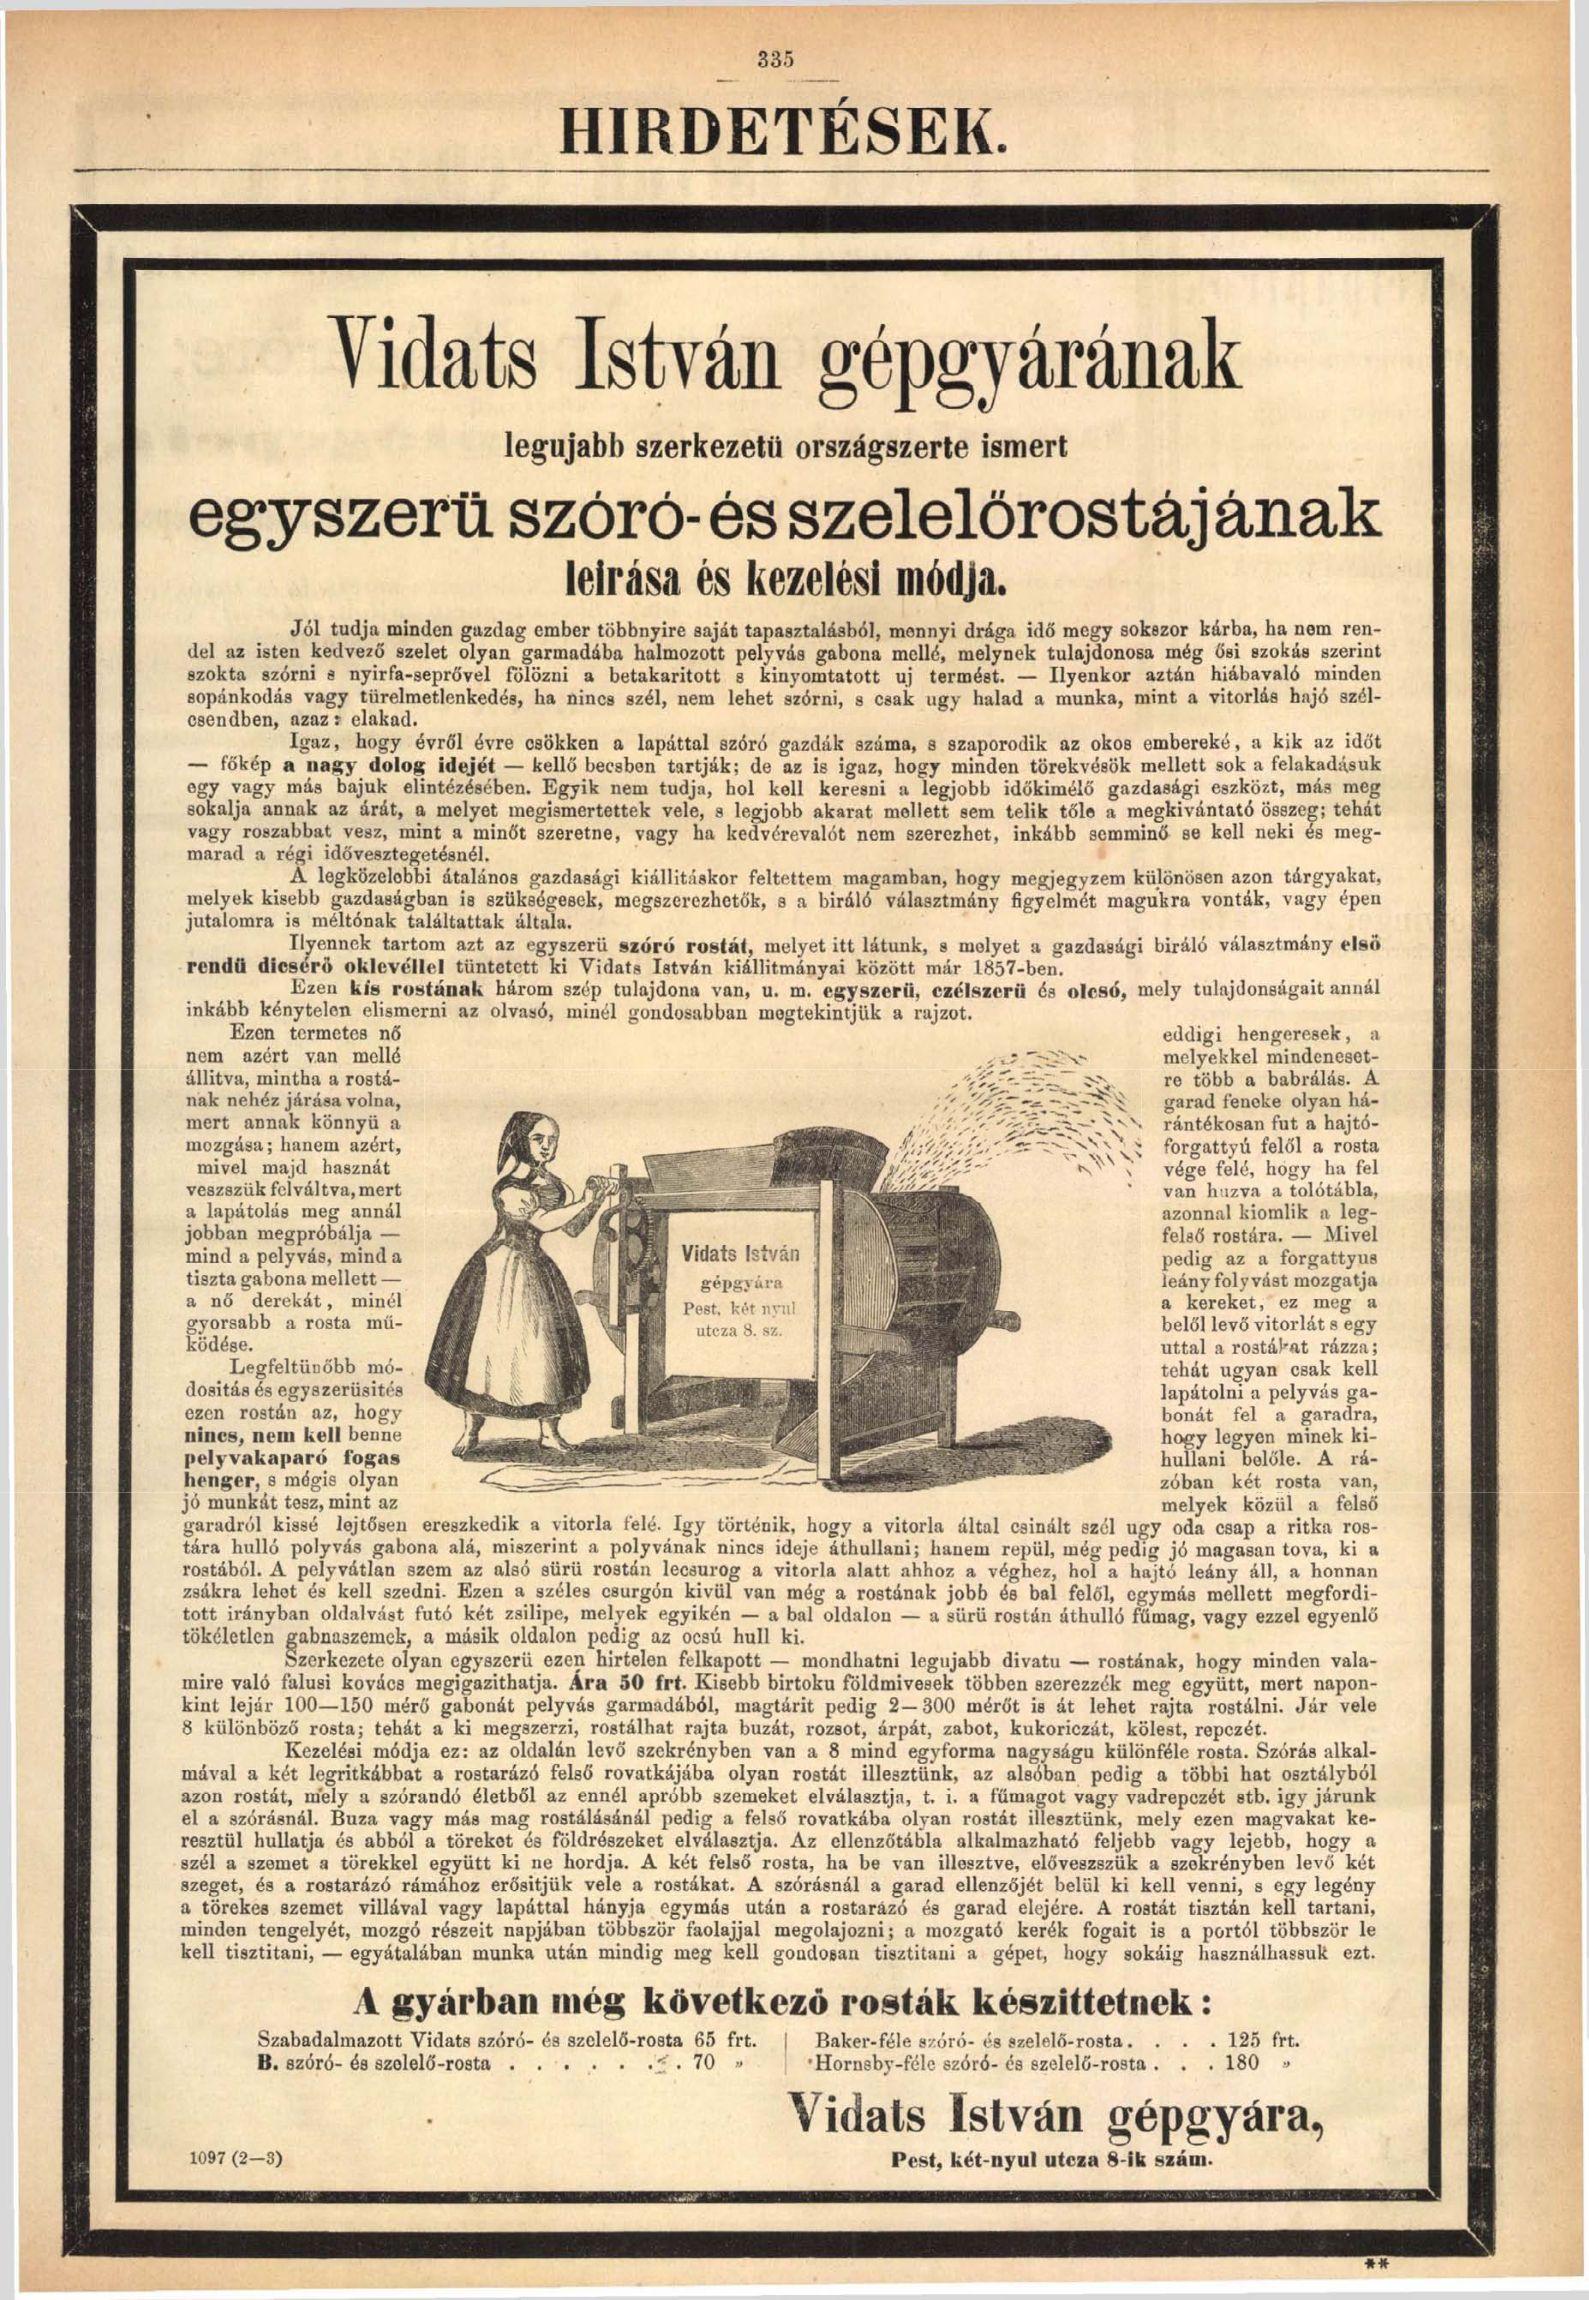 vasarnapiujsag_1871_pages339-339-1.jpg